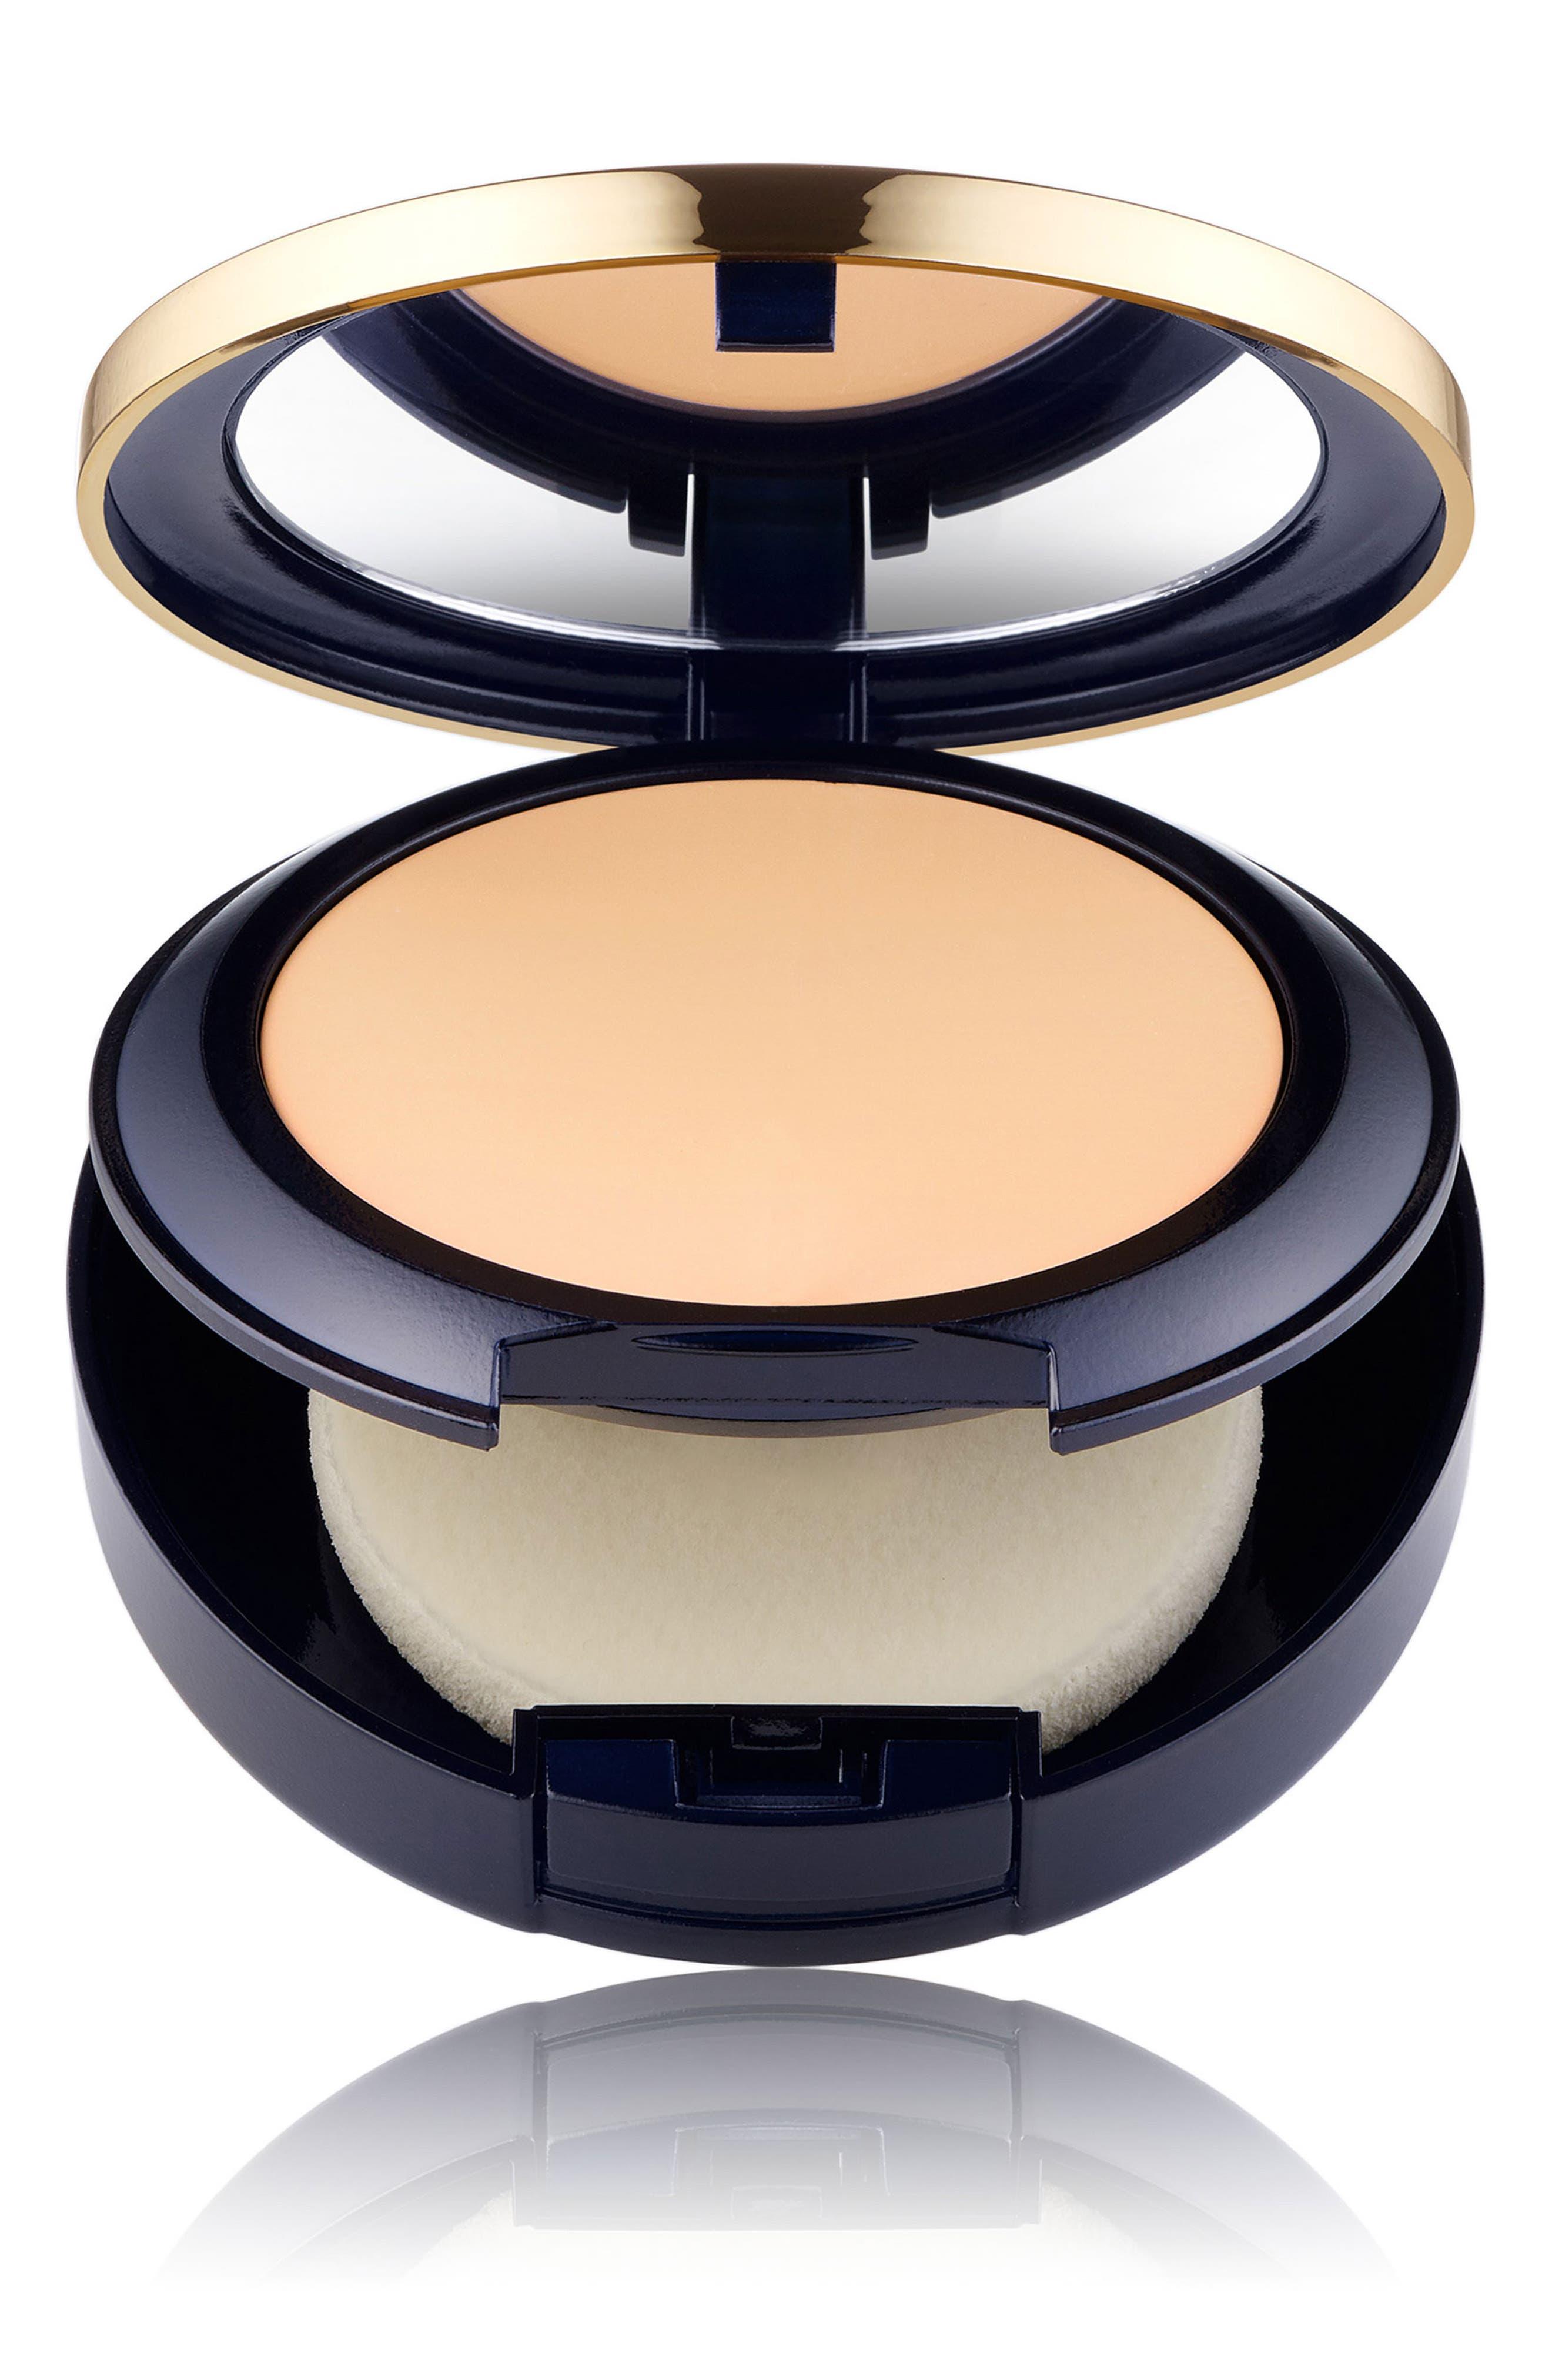 Estee Lauder Double Wear Stay In Place Matte Powder Foundation - 4N1 Shell Beige